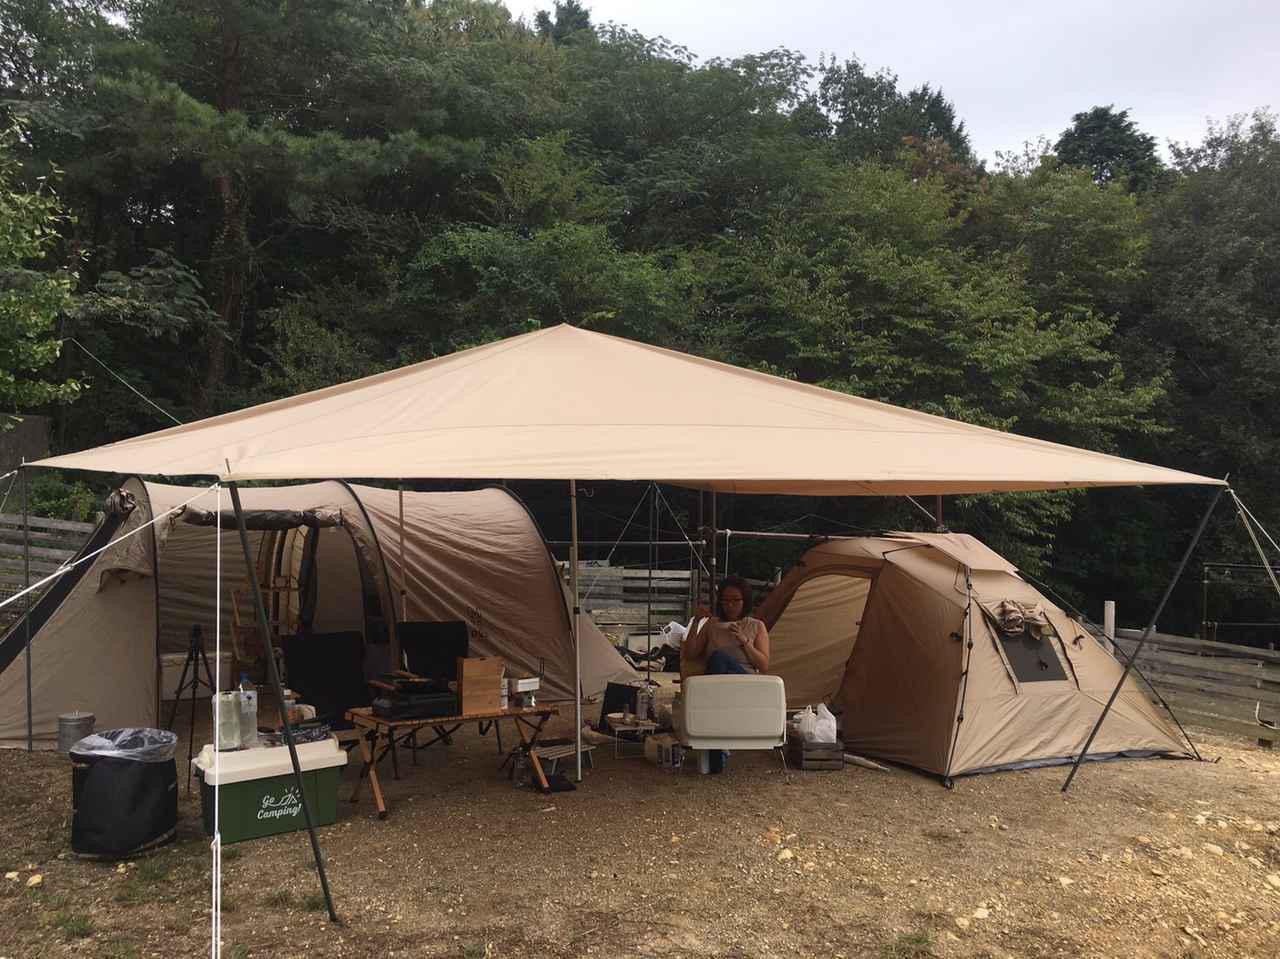 画像2: ライター撮影 happycamper.jp